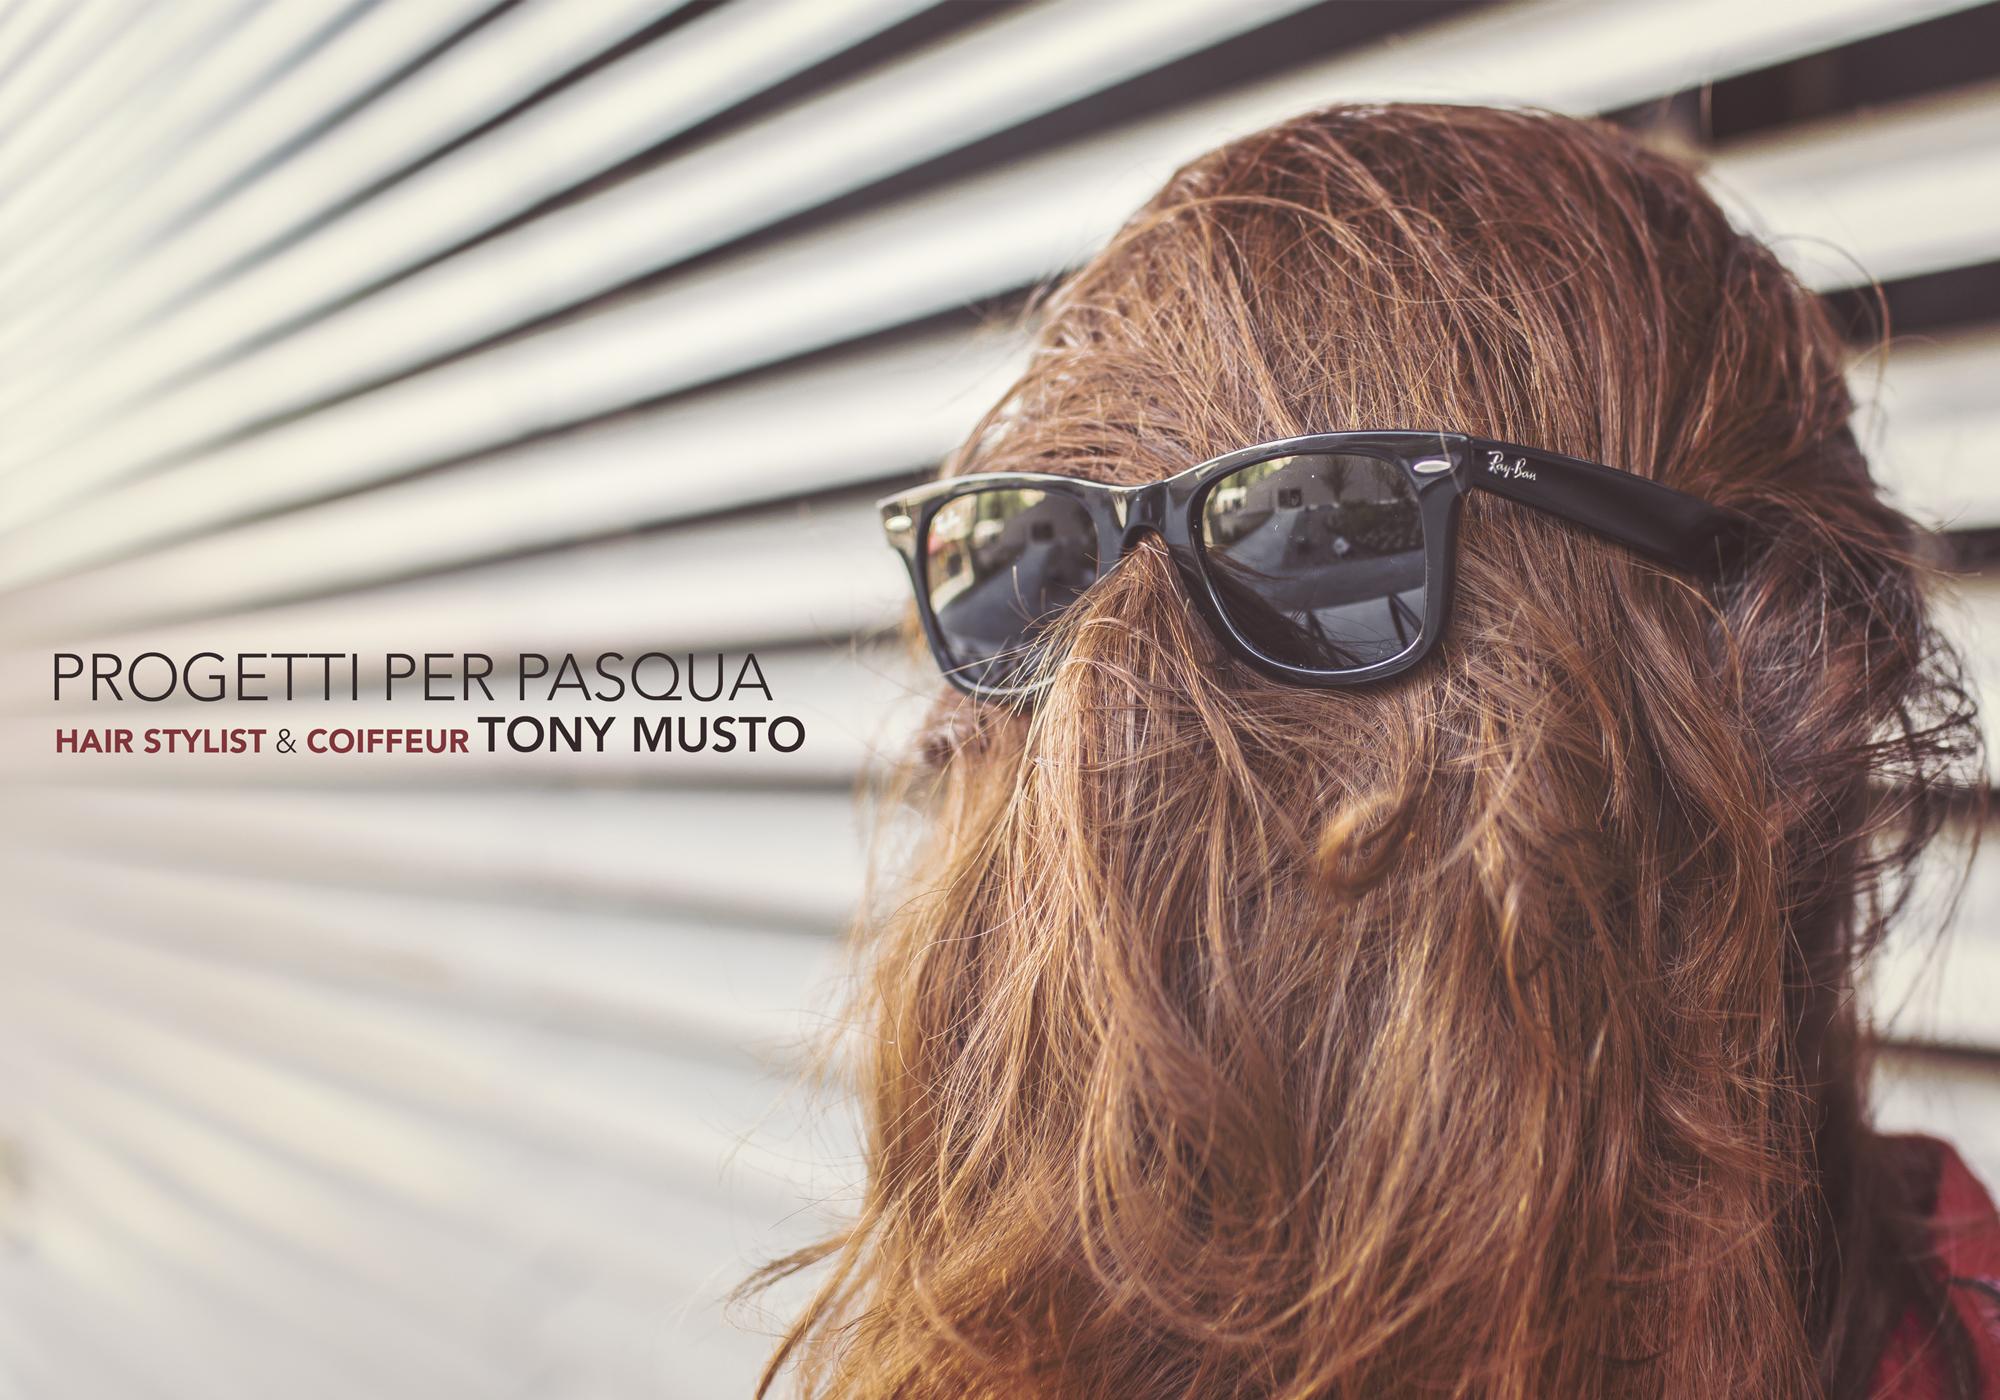 Bilogic Agenzia di Comunicazione per Tony Musto hair Stylist in Montemiletto ha curato la comunicazione aziendale, sia visiva che webny Musto hair stylist e shop online prodotti per la cura dei capelli